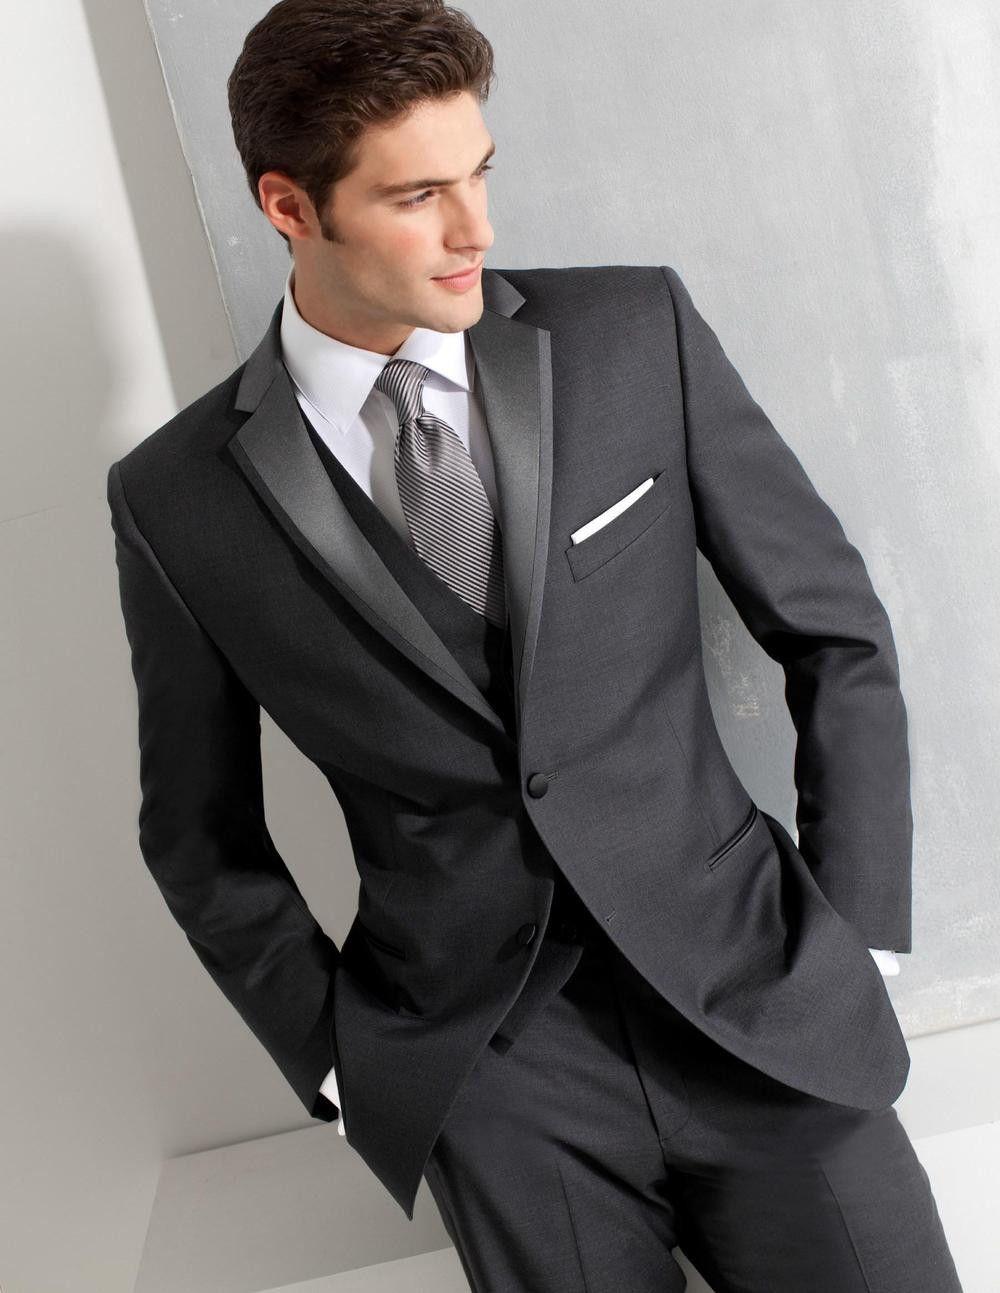 Custom made groom tuxedos grey formal wear wedding suits groomsman